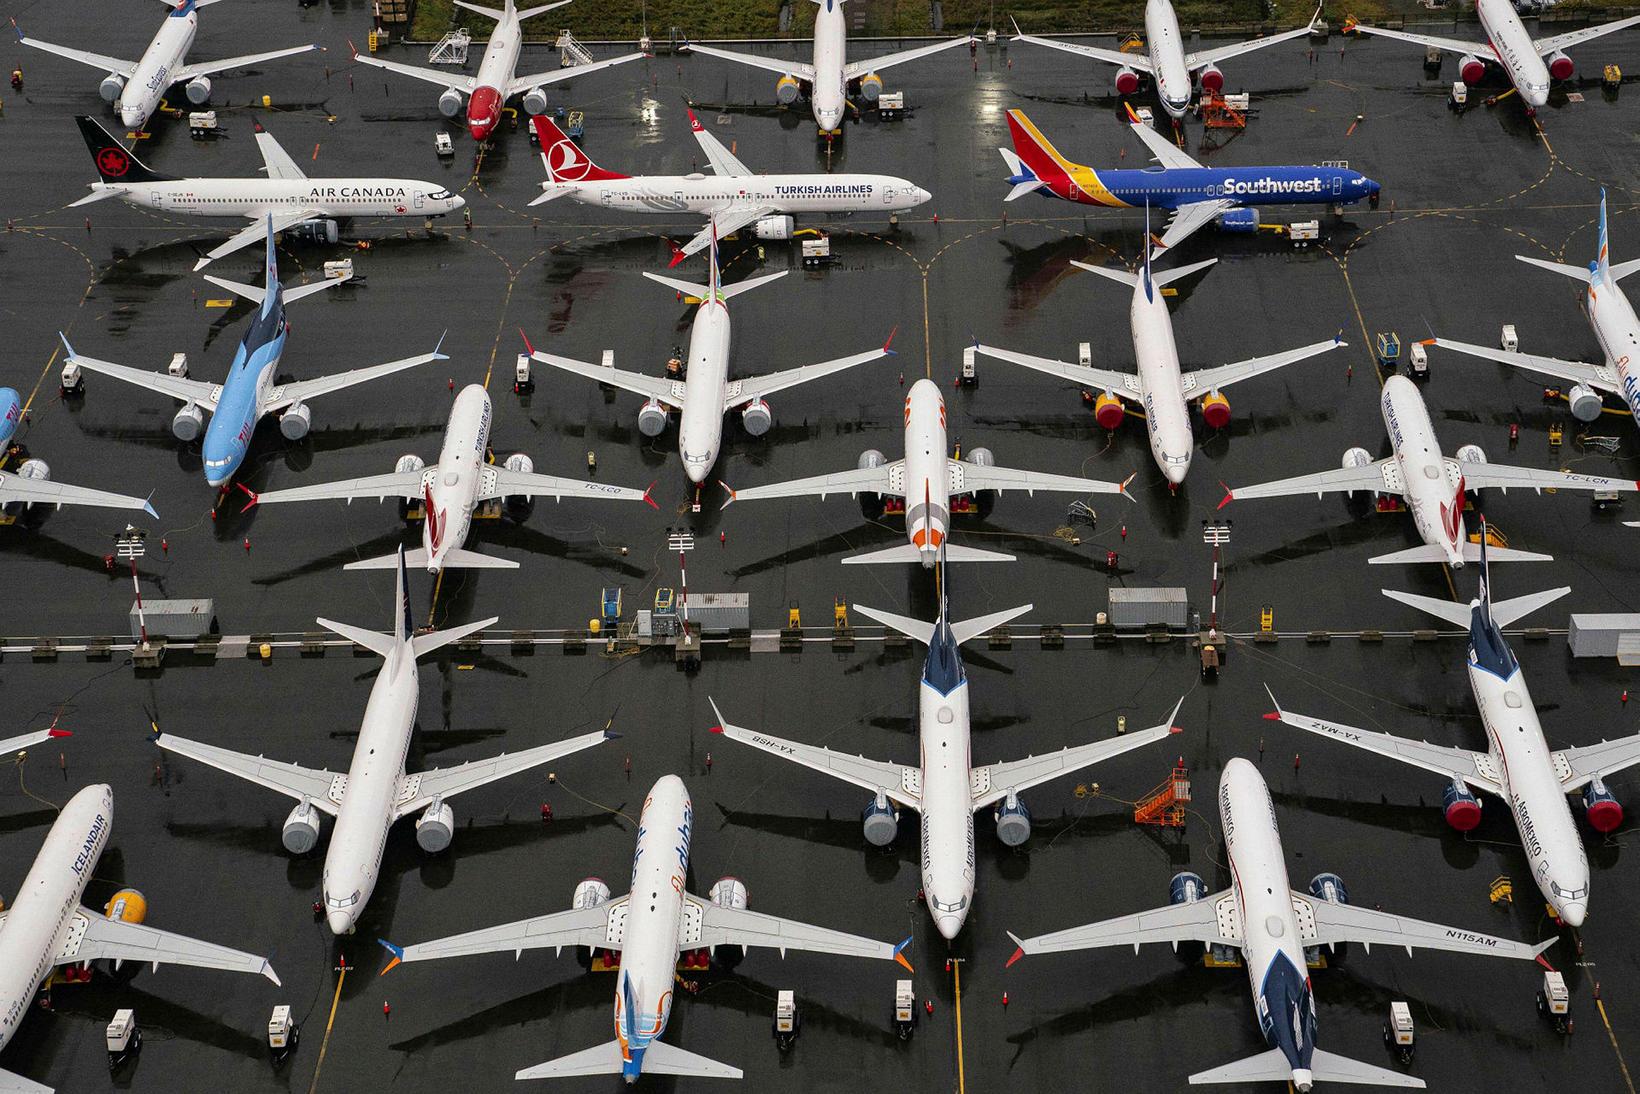 Boeing 737 Max þotur fara brátt í loftið að nýju.